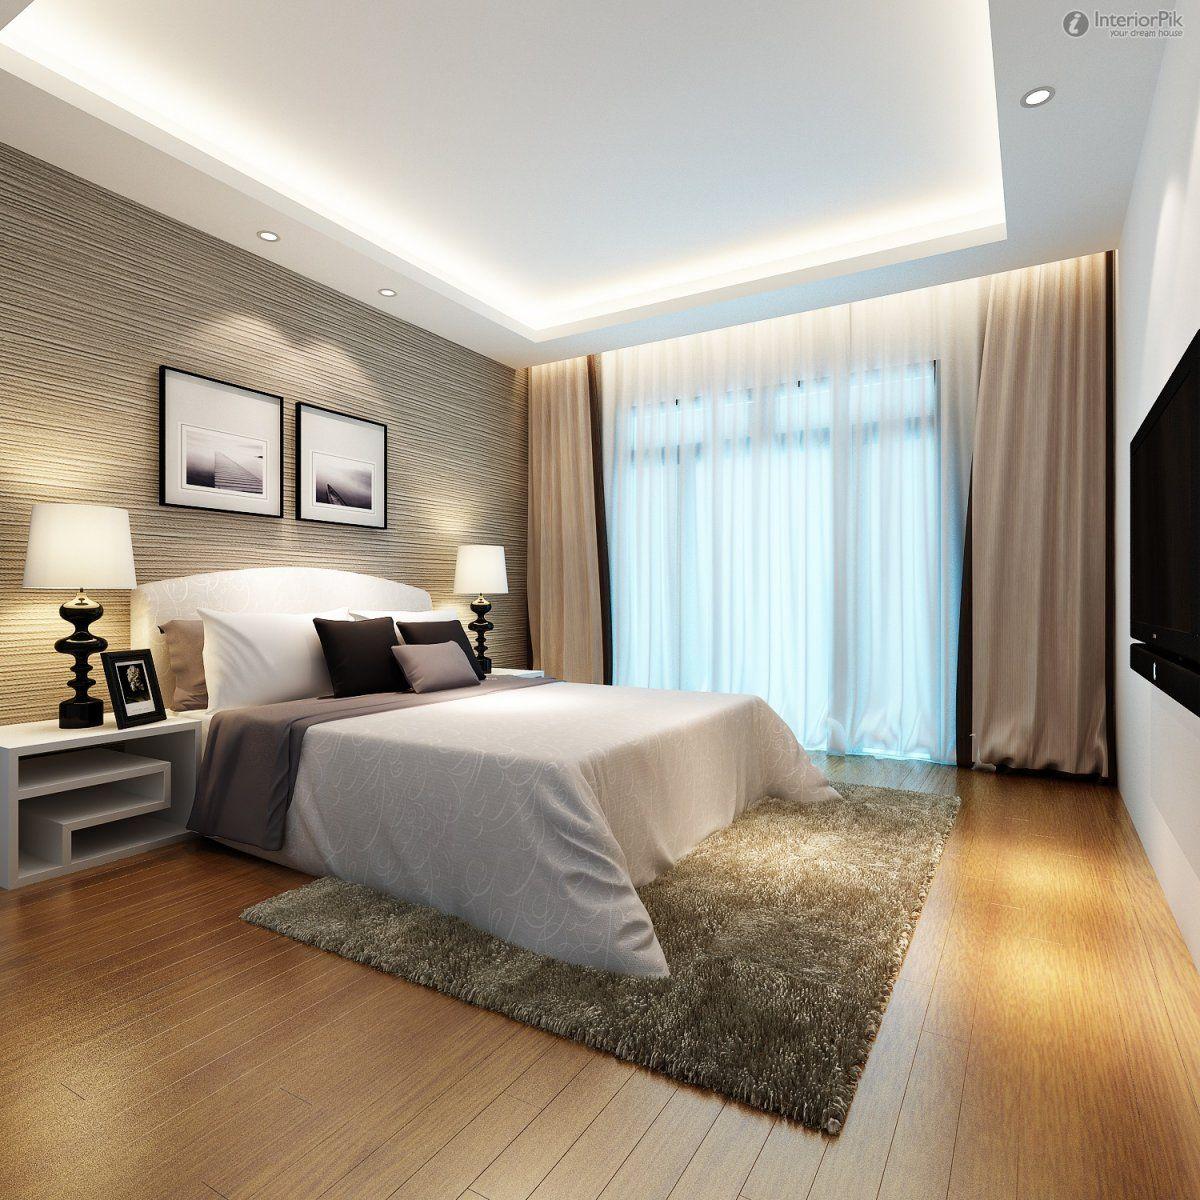 Interior Design Ideas Master Bedroom Minimalist Decorating Ideas For Master Bedroom  Interior Design Ideas .